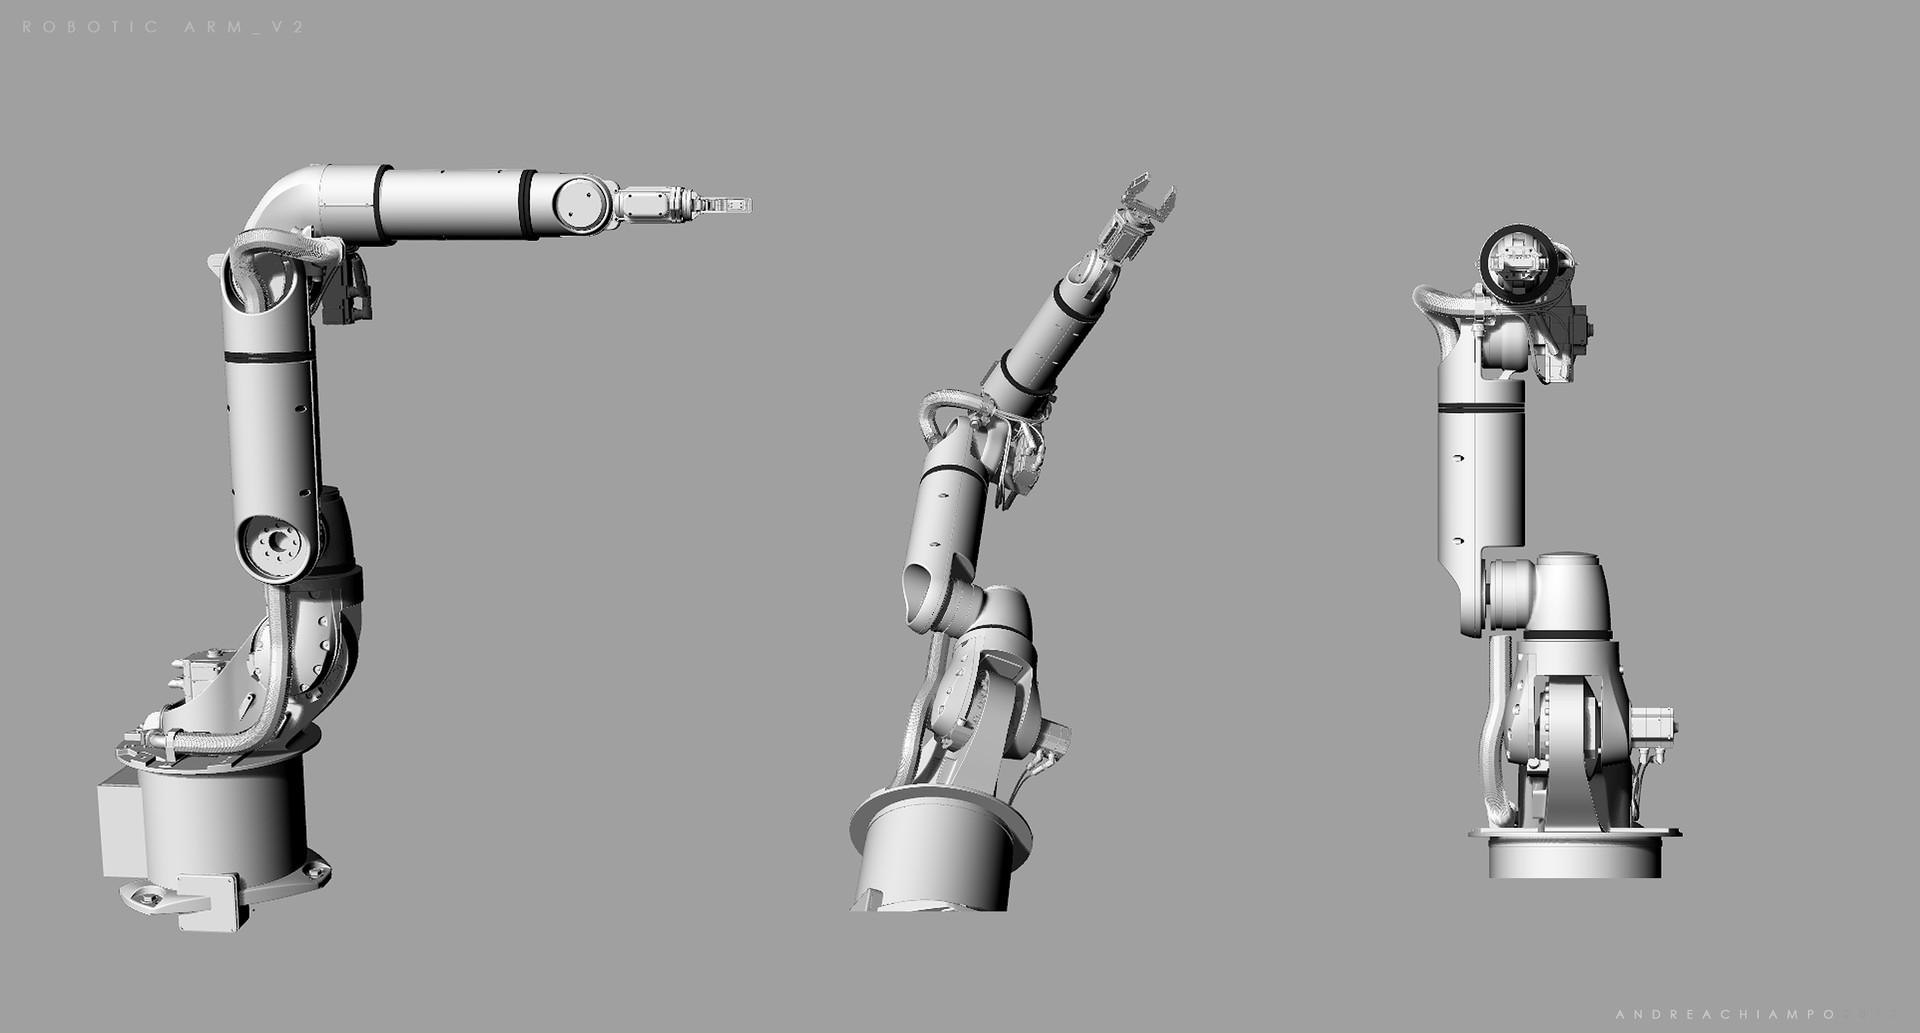 Andrea chiampo robotic arm v2 a